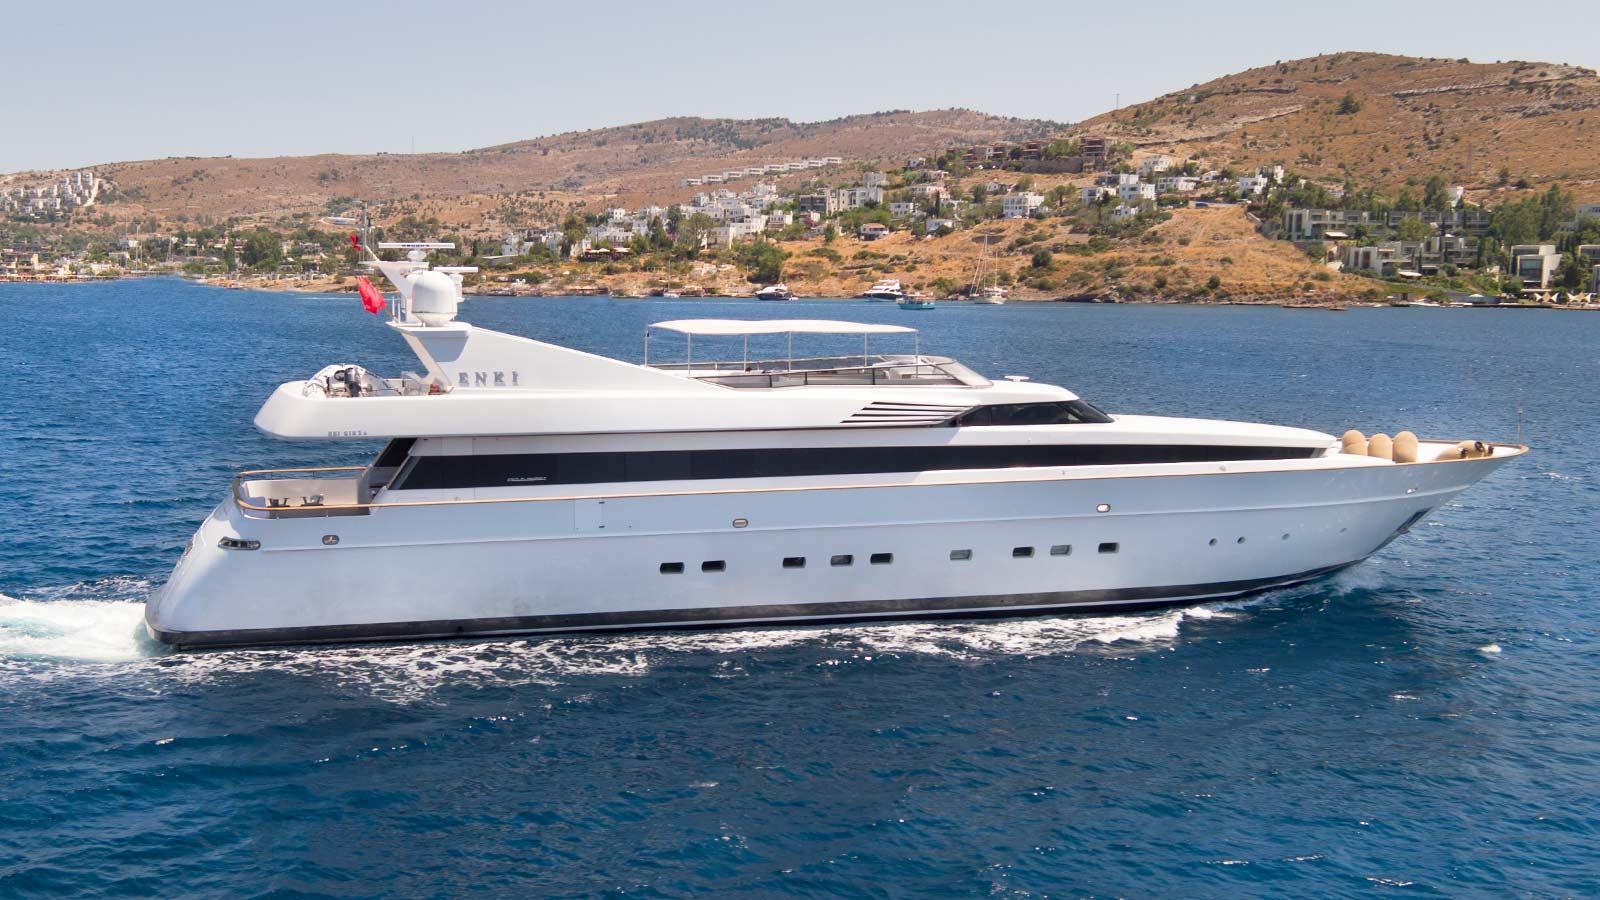 Garage Length Enki Luxury Yacht For Sale